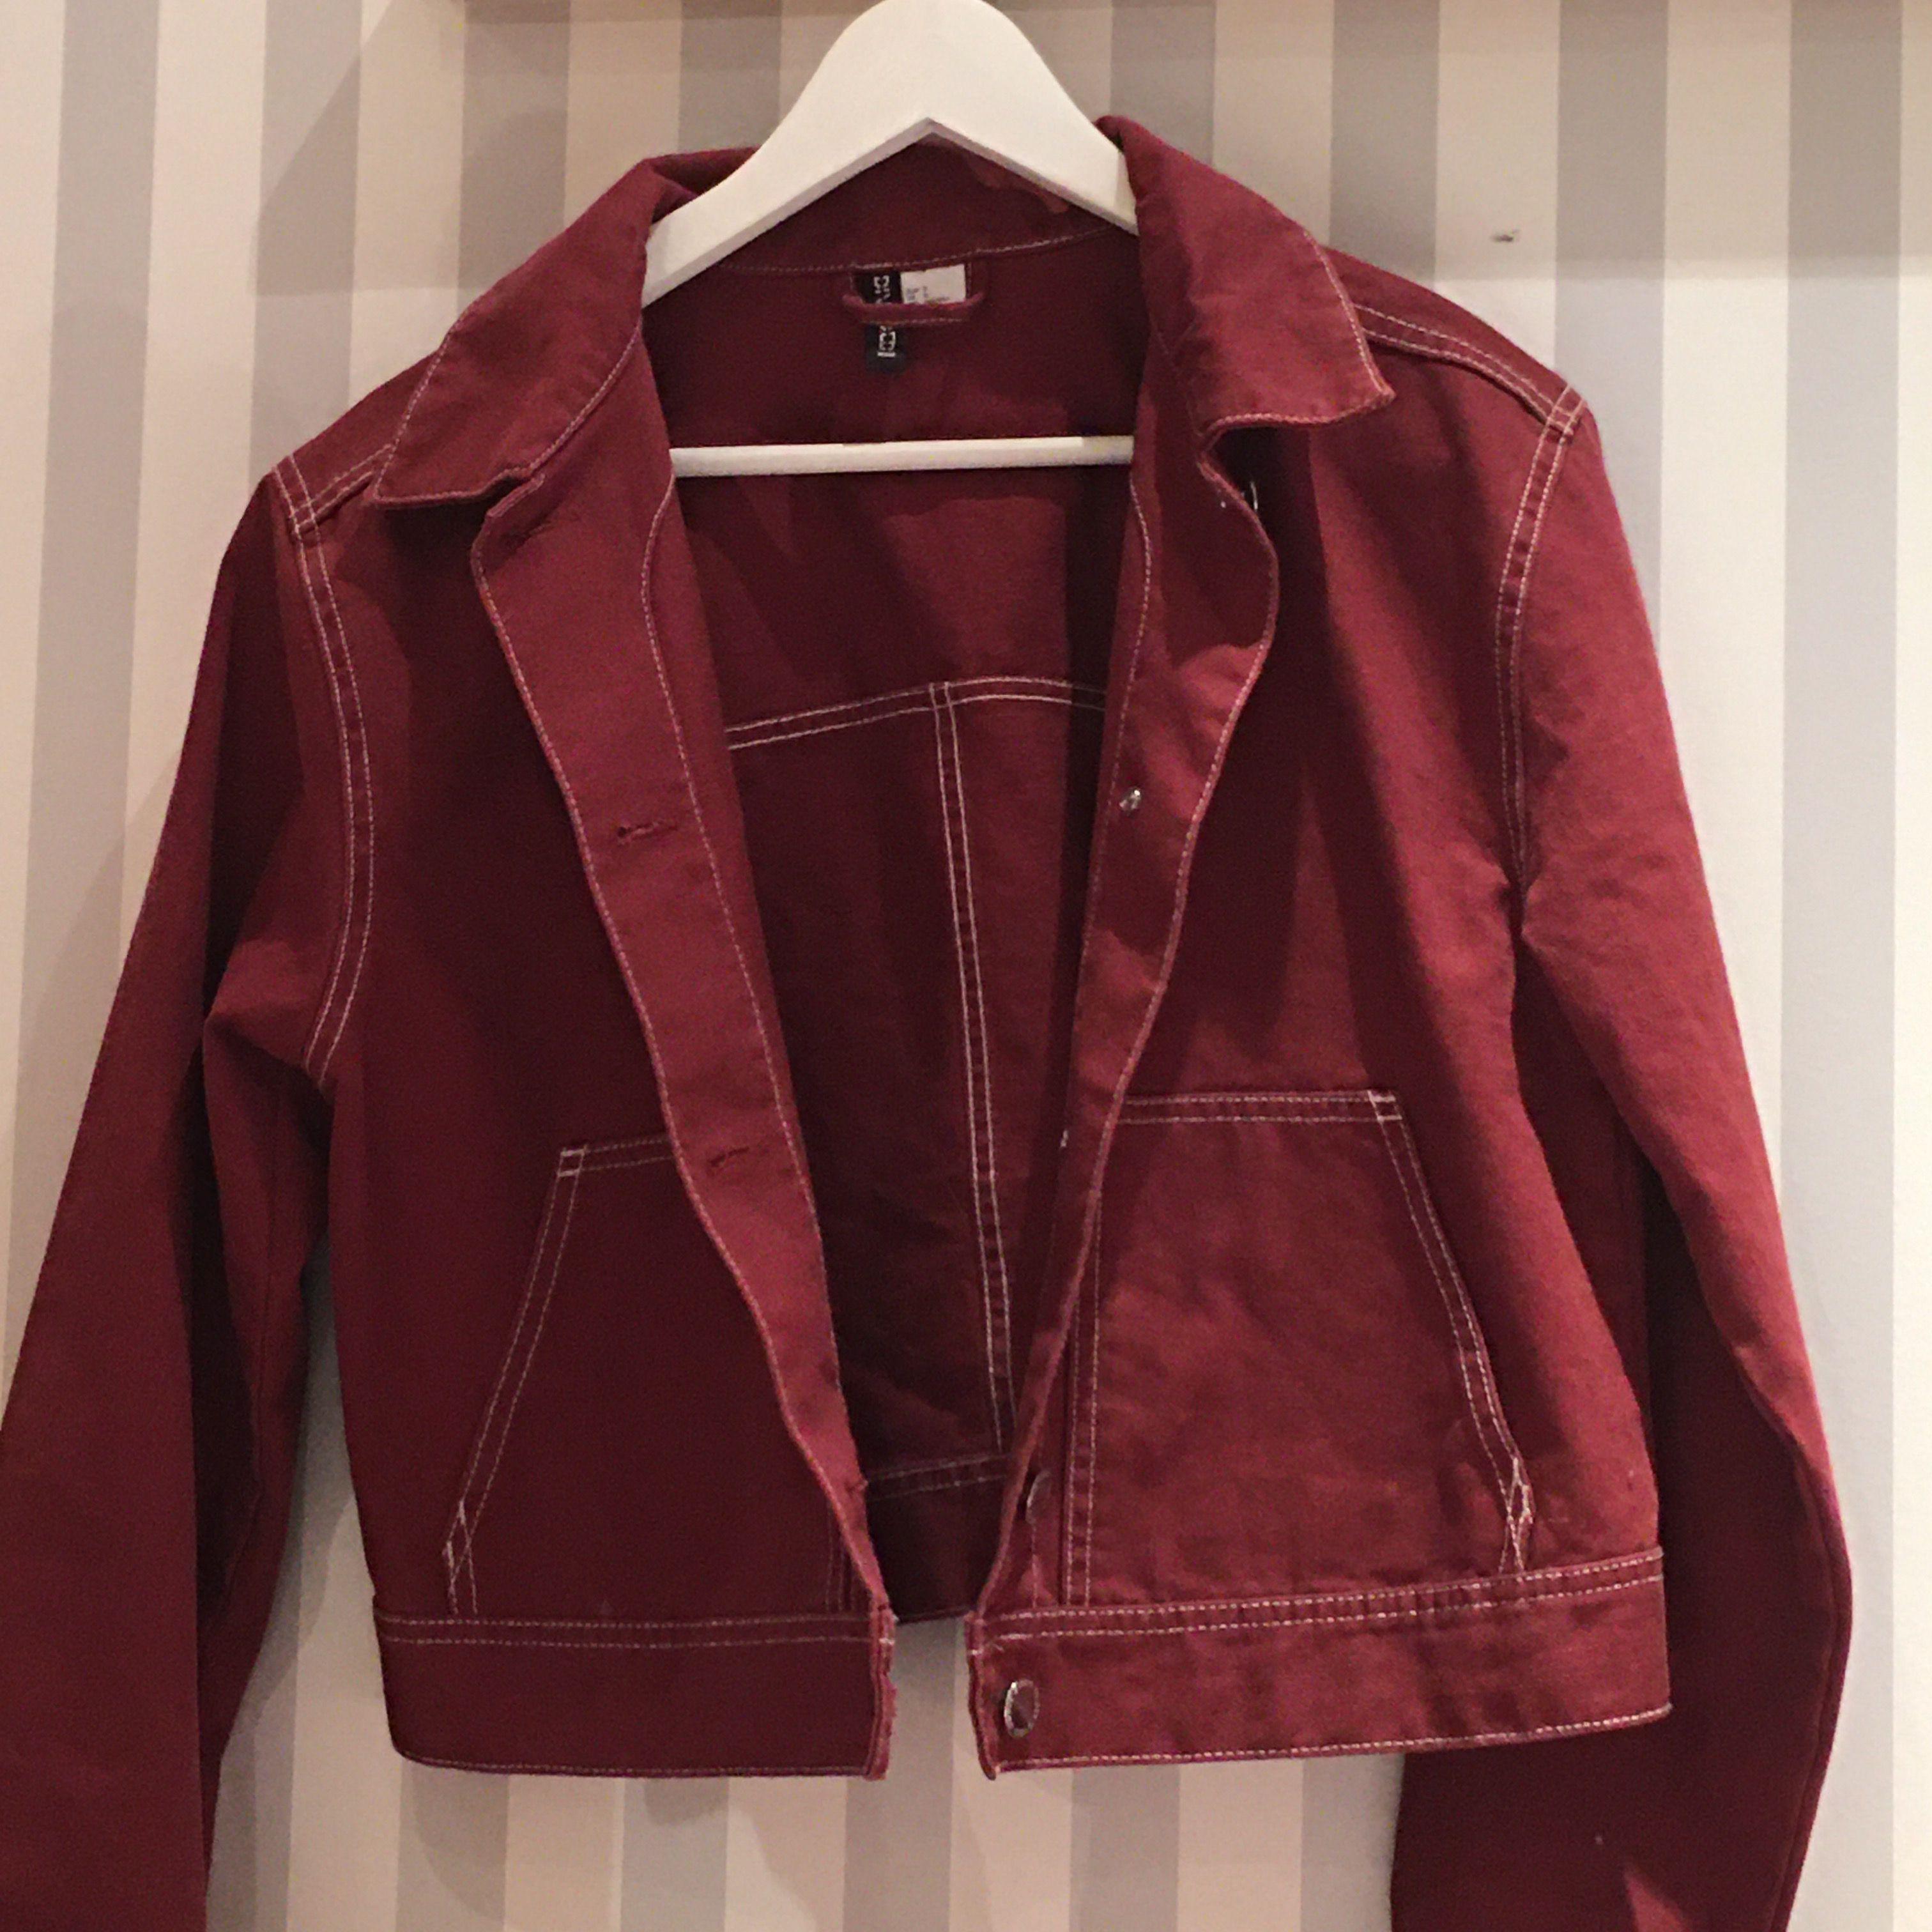 Säljer min supersnygga, croppade jeansjacka från H&M divided! Jättecool röd färg med vita sömmar. Inte använd mer än 5 gånger så i väldigt fint skick, endast några små repor på knapparna! Säljer den då den är lite för liten för mig! köpare står för frakt🥰. Jackor.